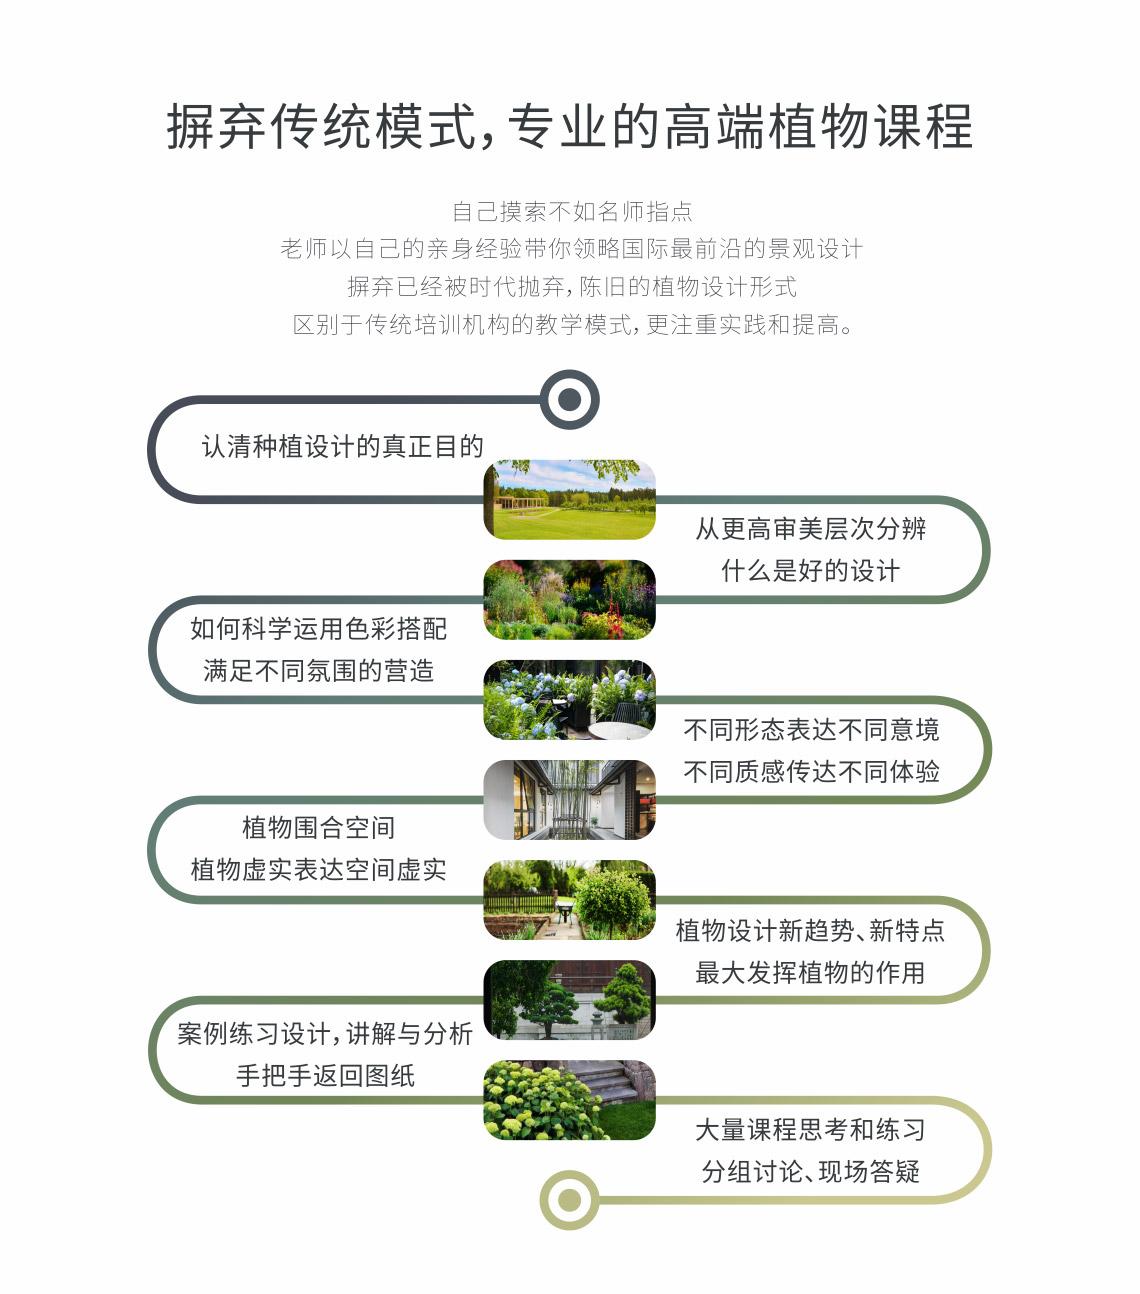 """高端园林植物设计研修班,通过对植栽设计的认识,再到真实案例的研修,深入浅出循序渐进的学习园林景观植物配置的手法。"""" style=""""width:1140px;"""